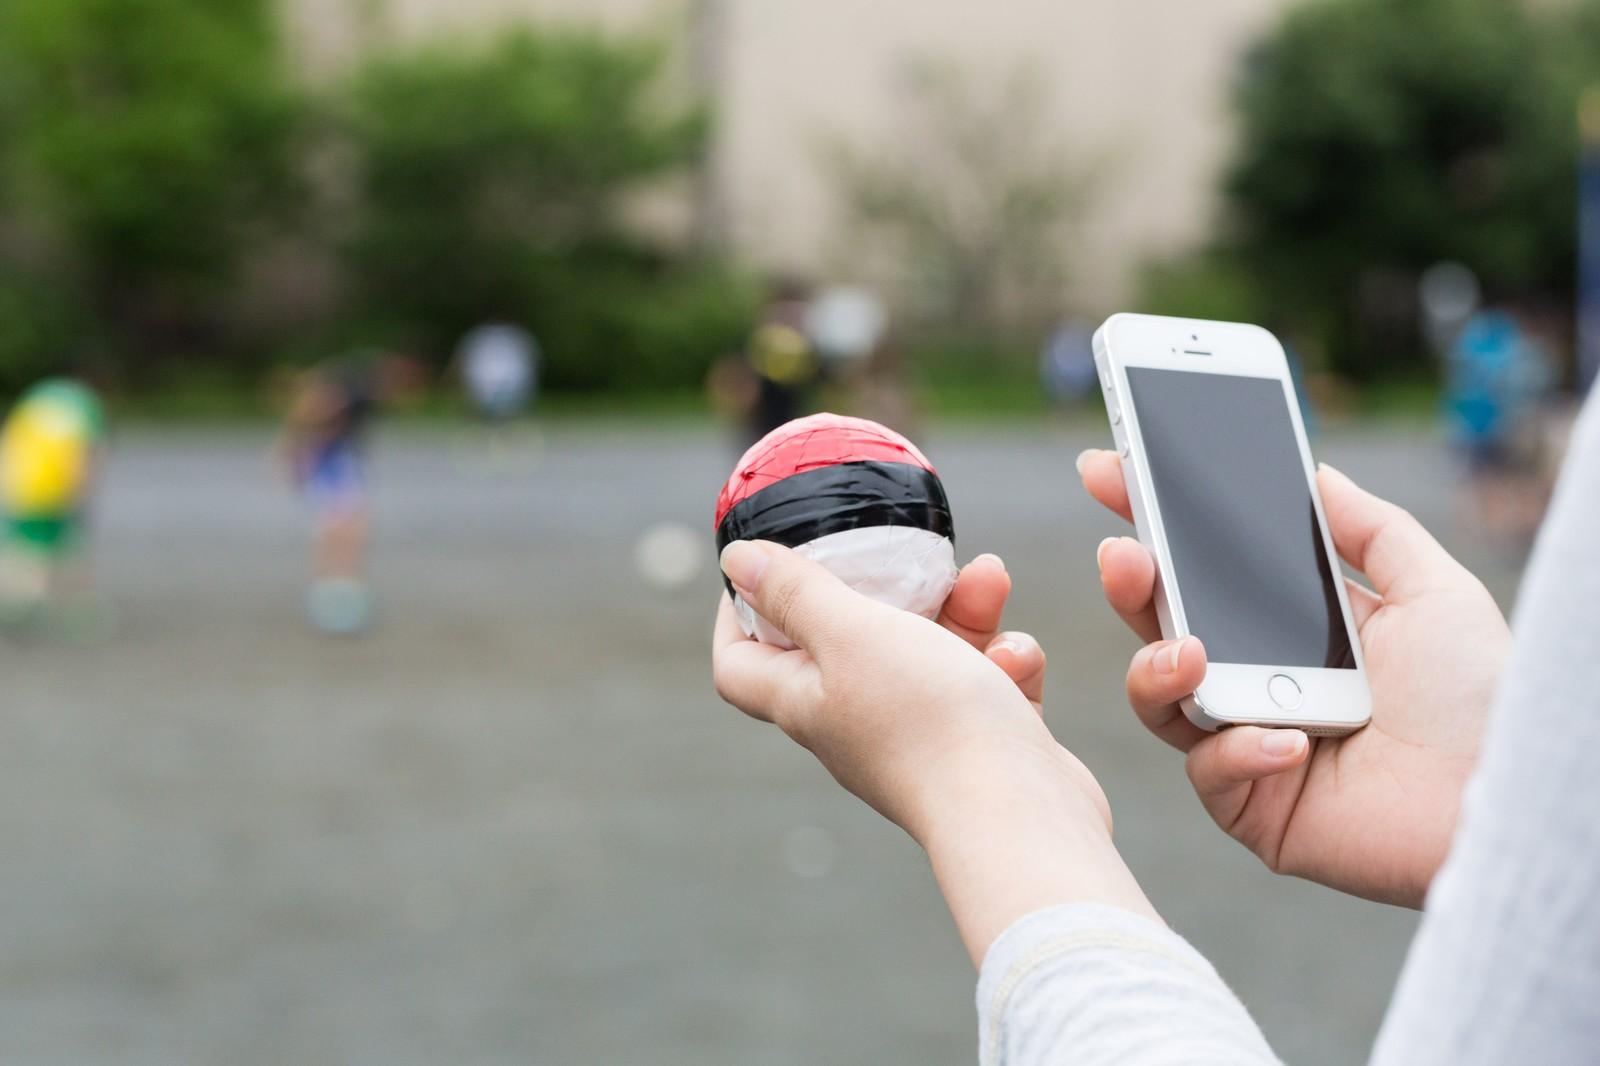 ポケモンGOの速度プレイ制限を検証してみた【ジョギングはひっかかる?】